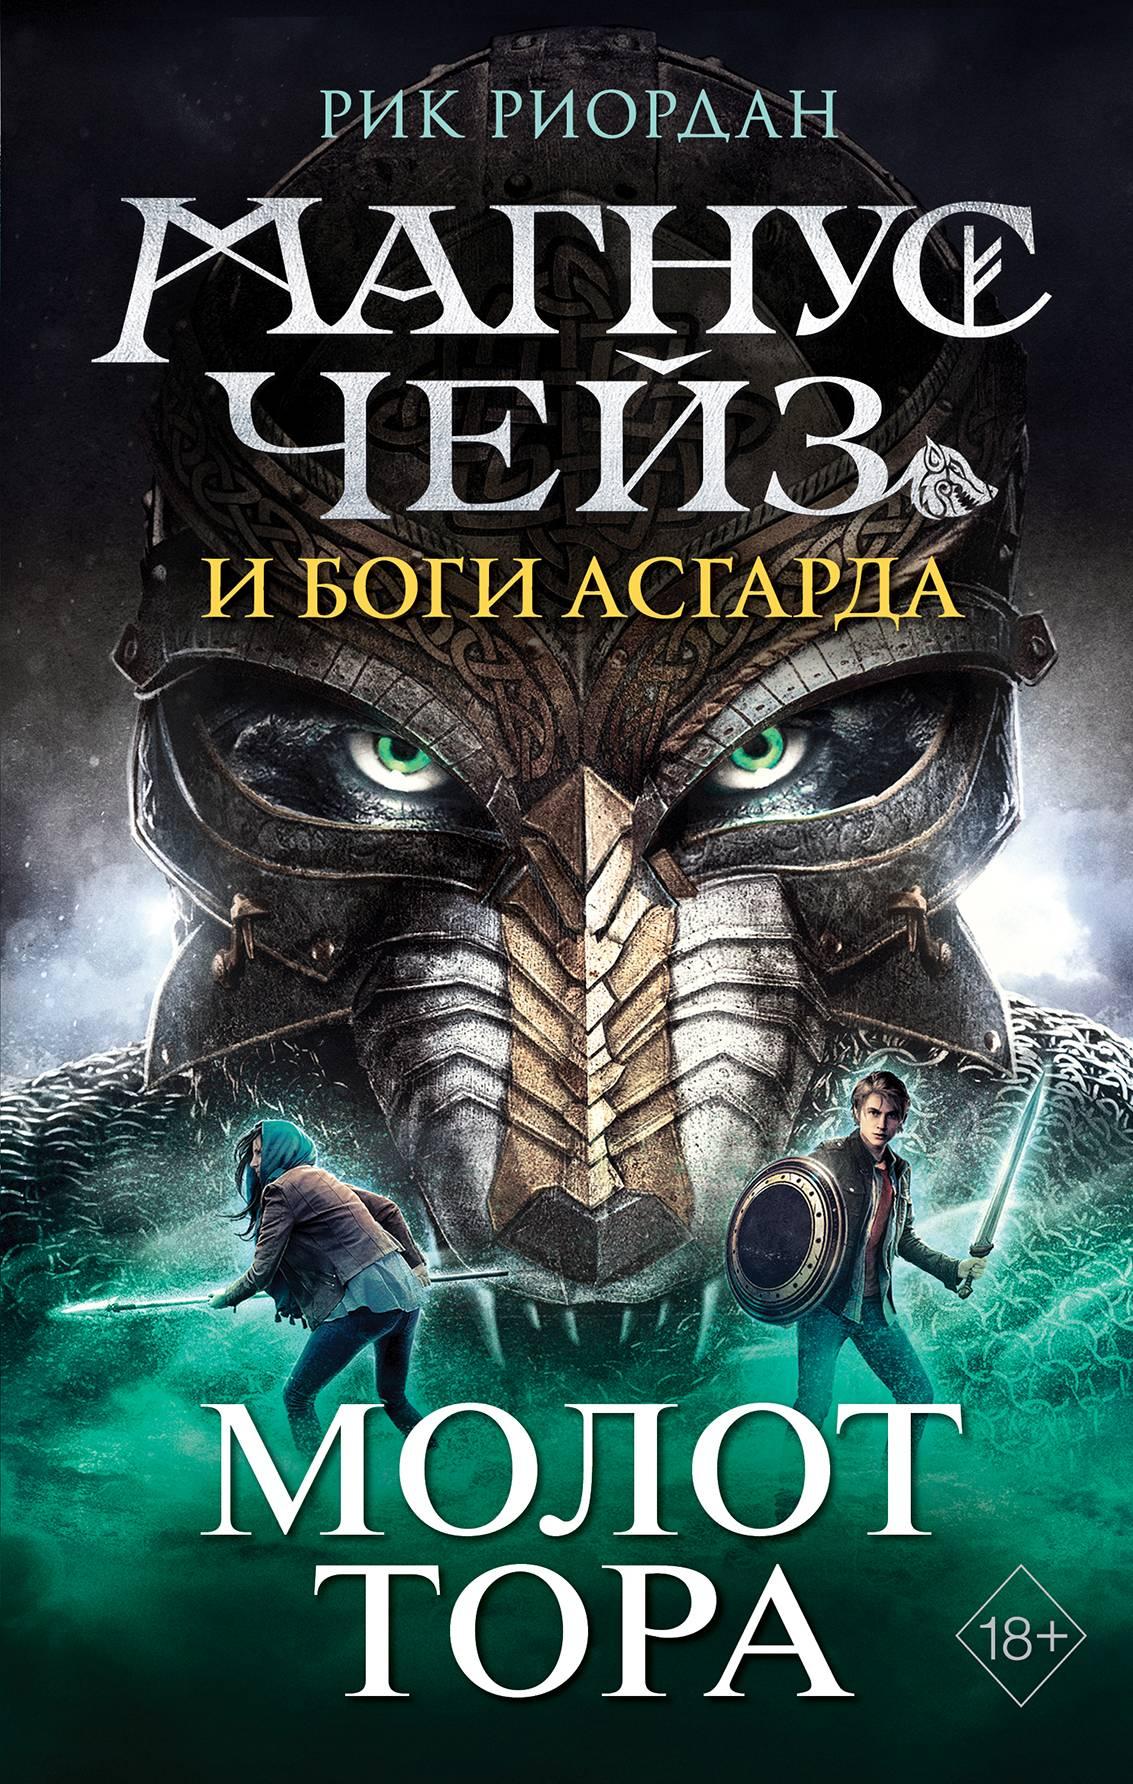 Рик Риордан Магнус Чейз и боги Асгарда. Книга 2. Молот Тора рик риордан магнус чейз и боги асгарда молот тора